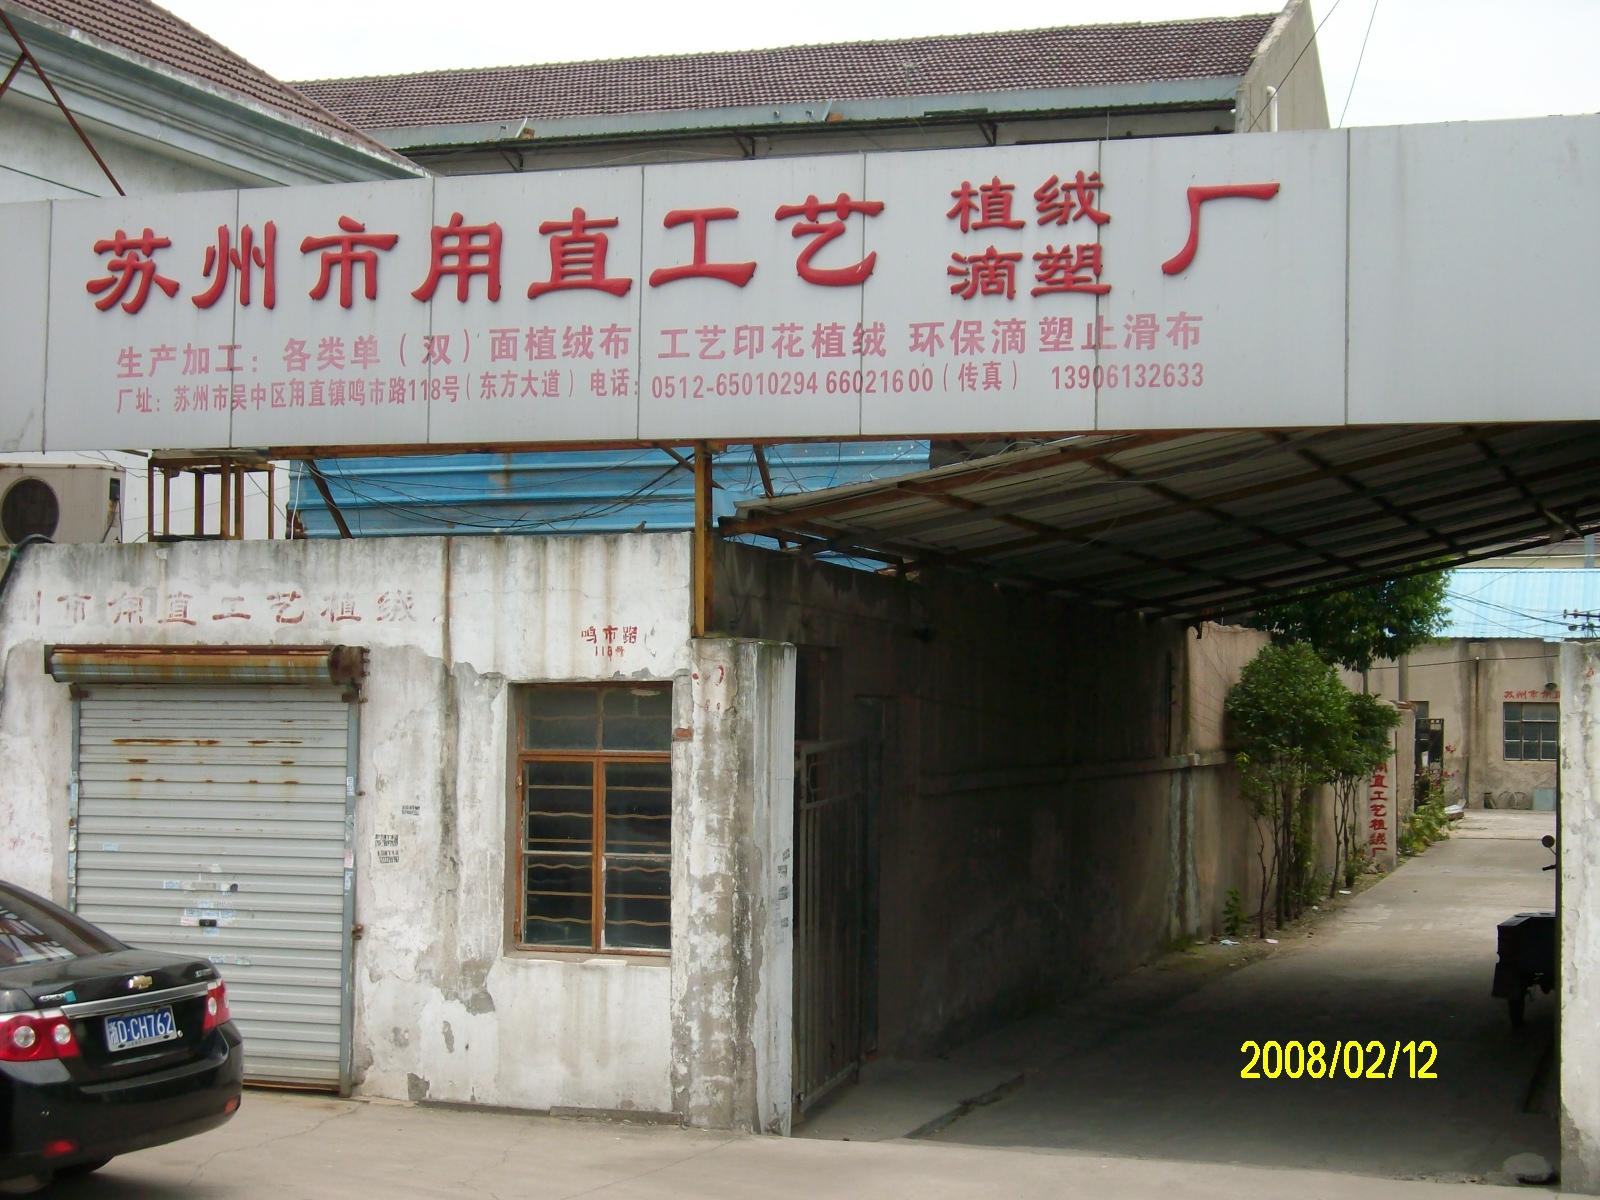 苏州市甪直工艺植绒厂